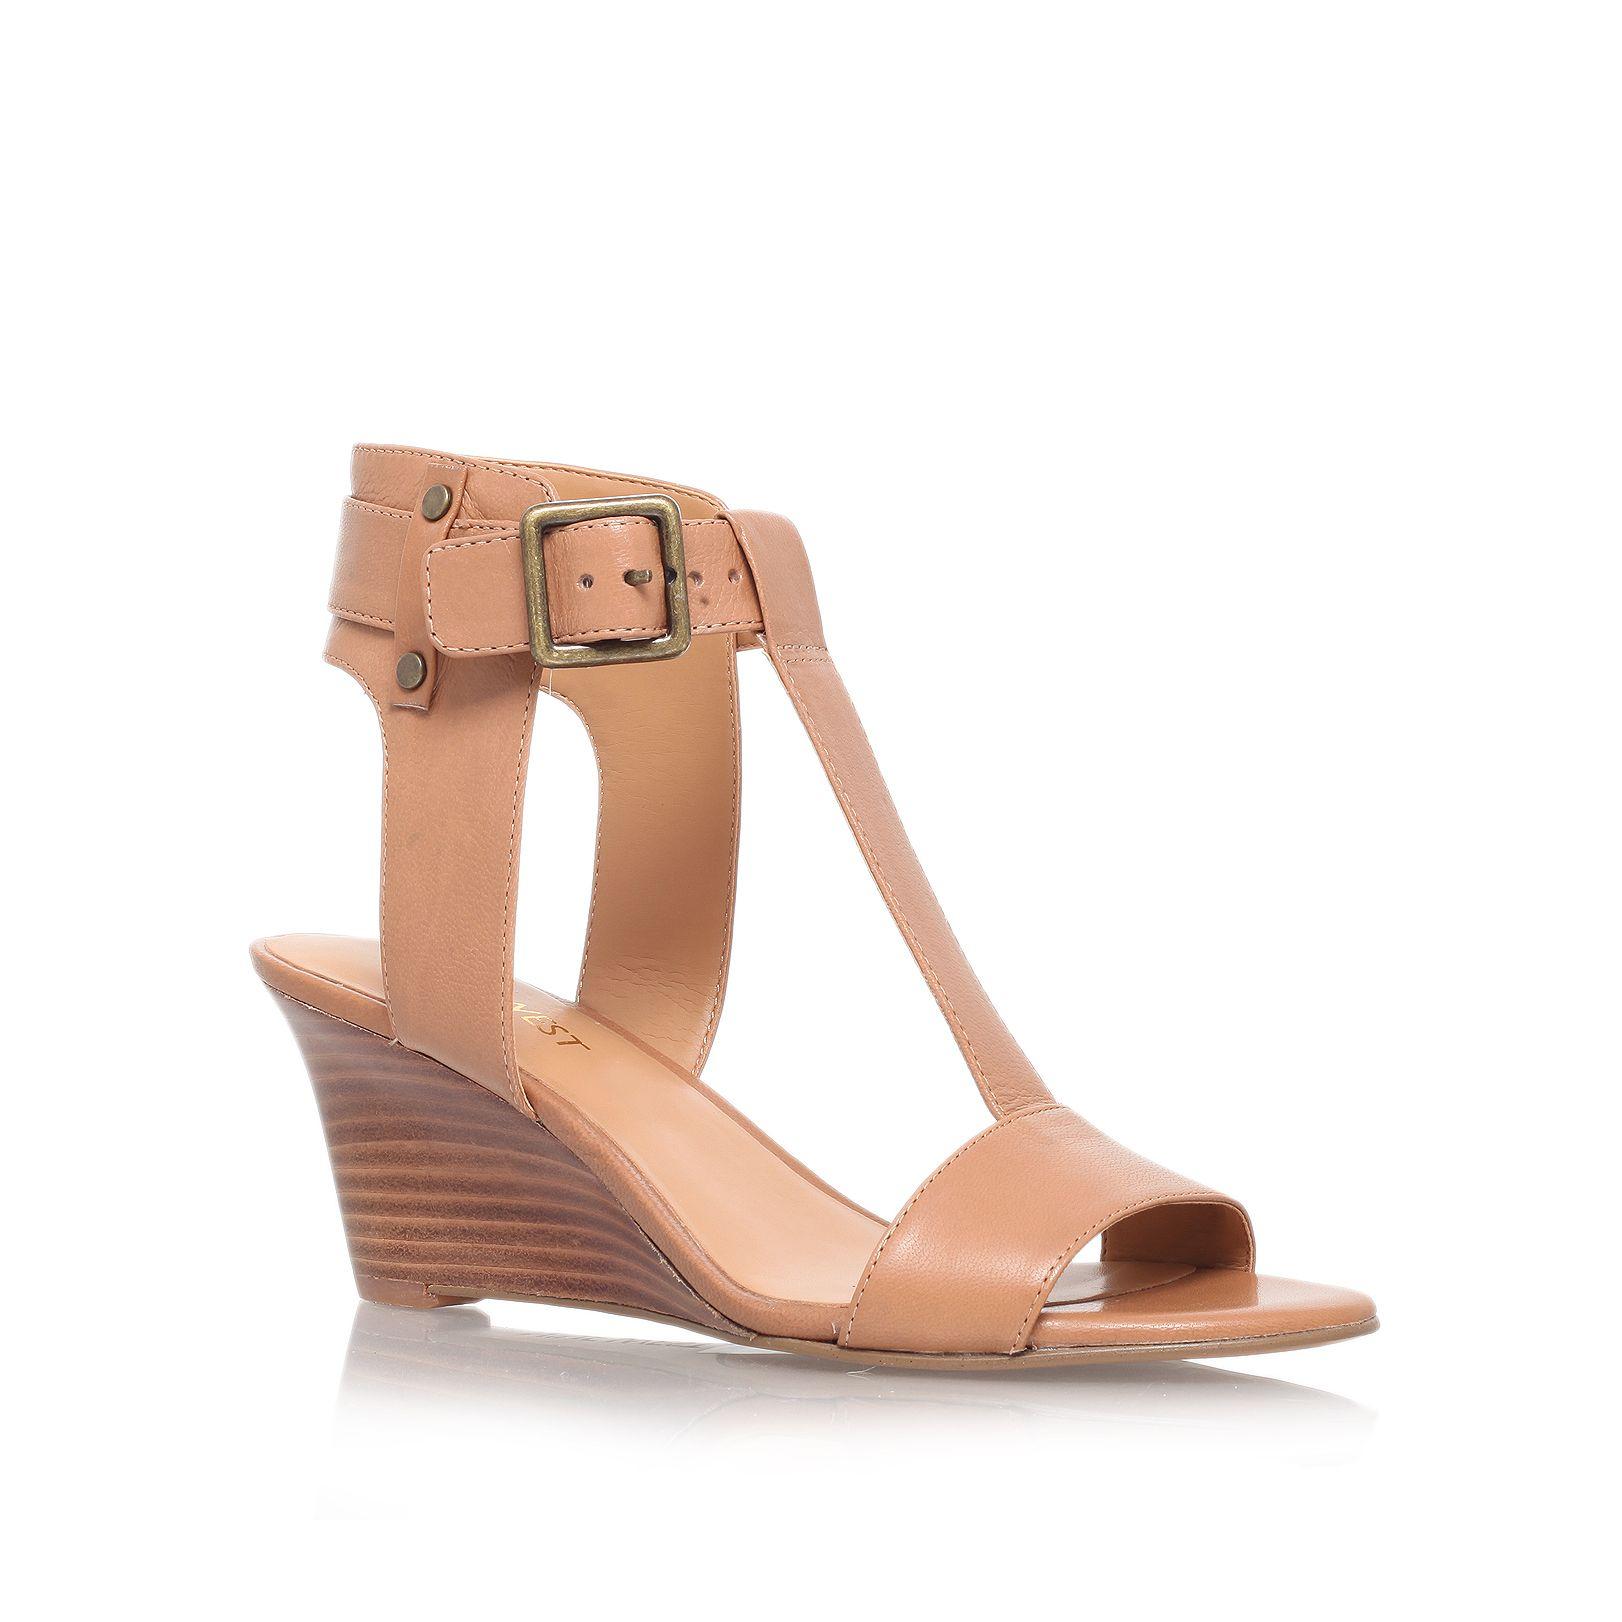 Nine west Rileigh Low Wedge Heel Sandals in Brown | Lyst